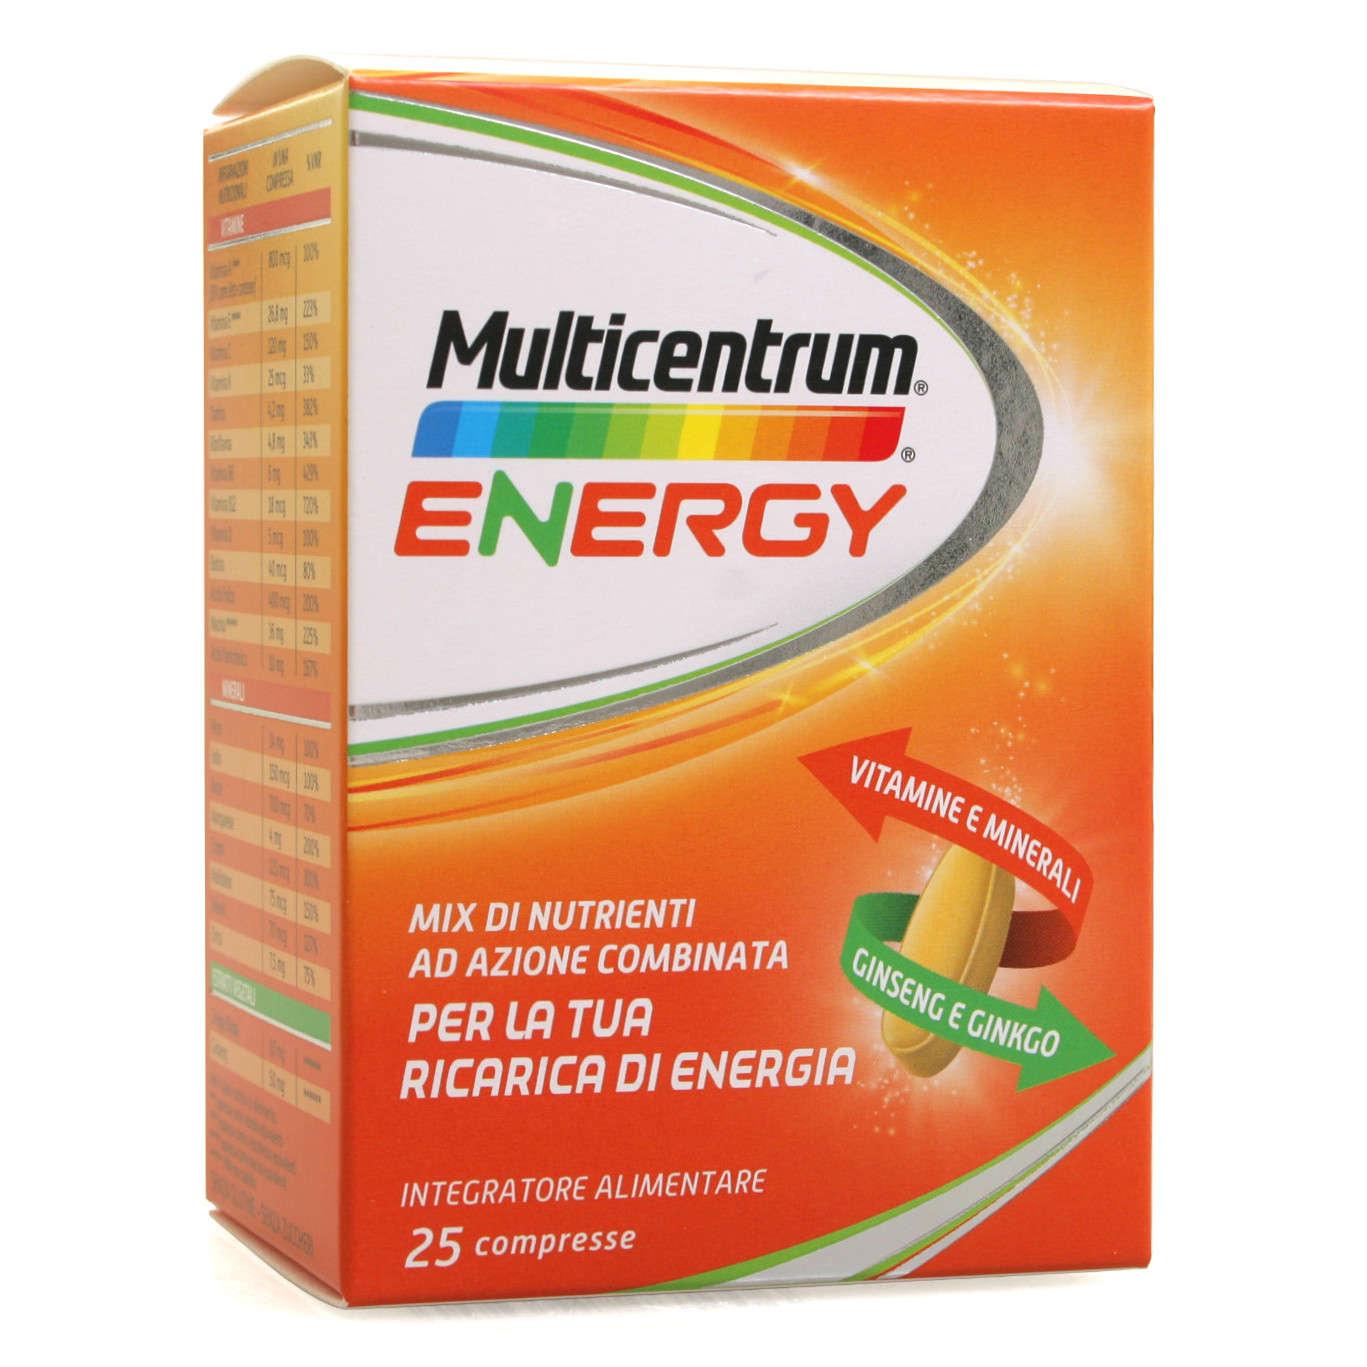 Multicentrum Energy - 25 compresse